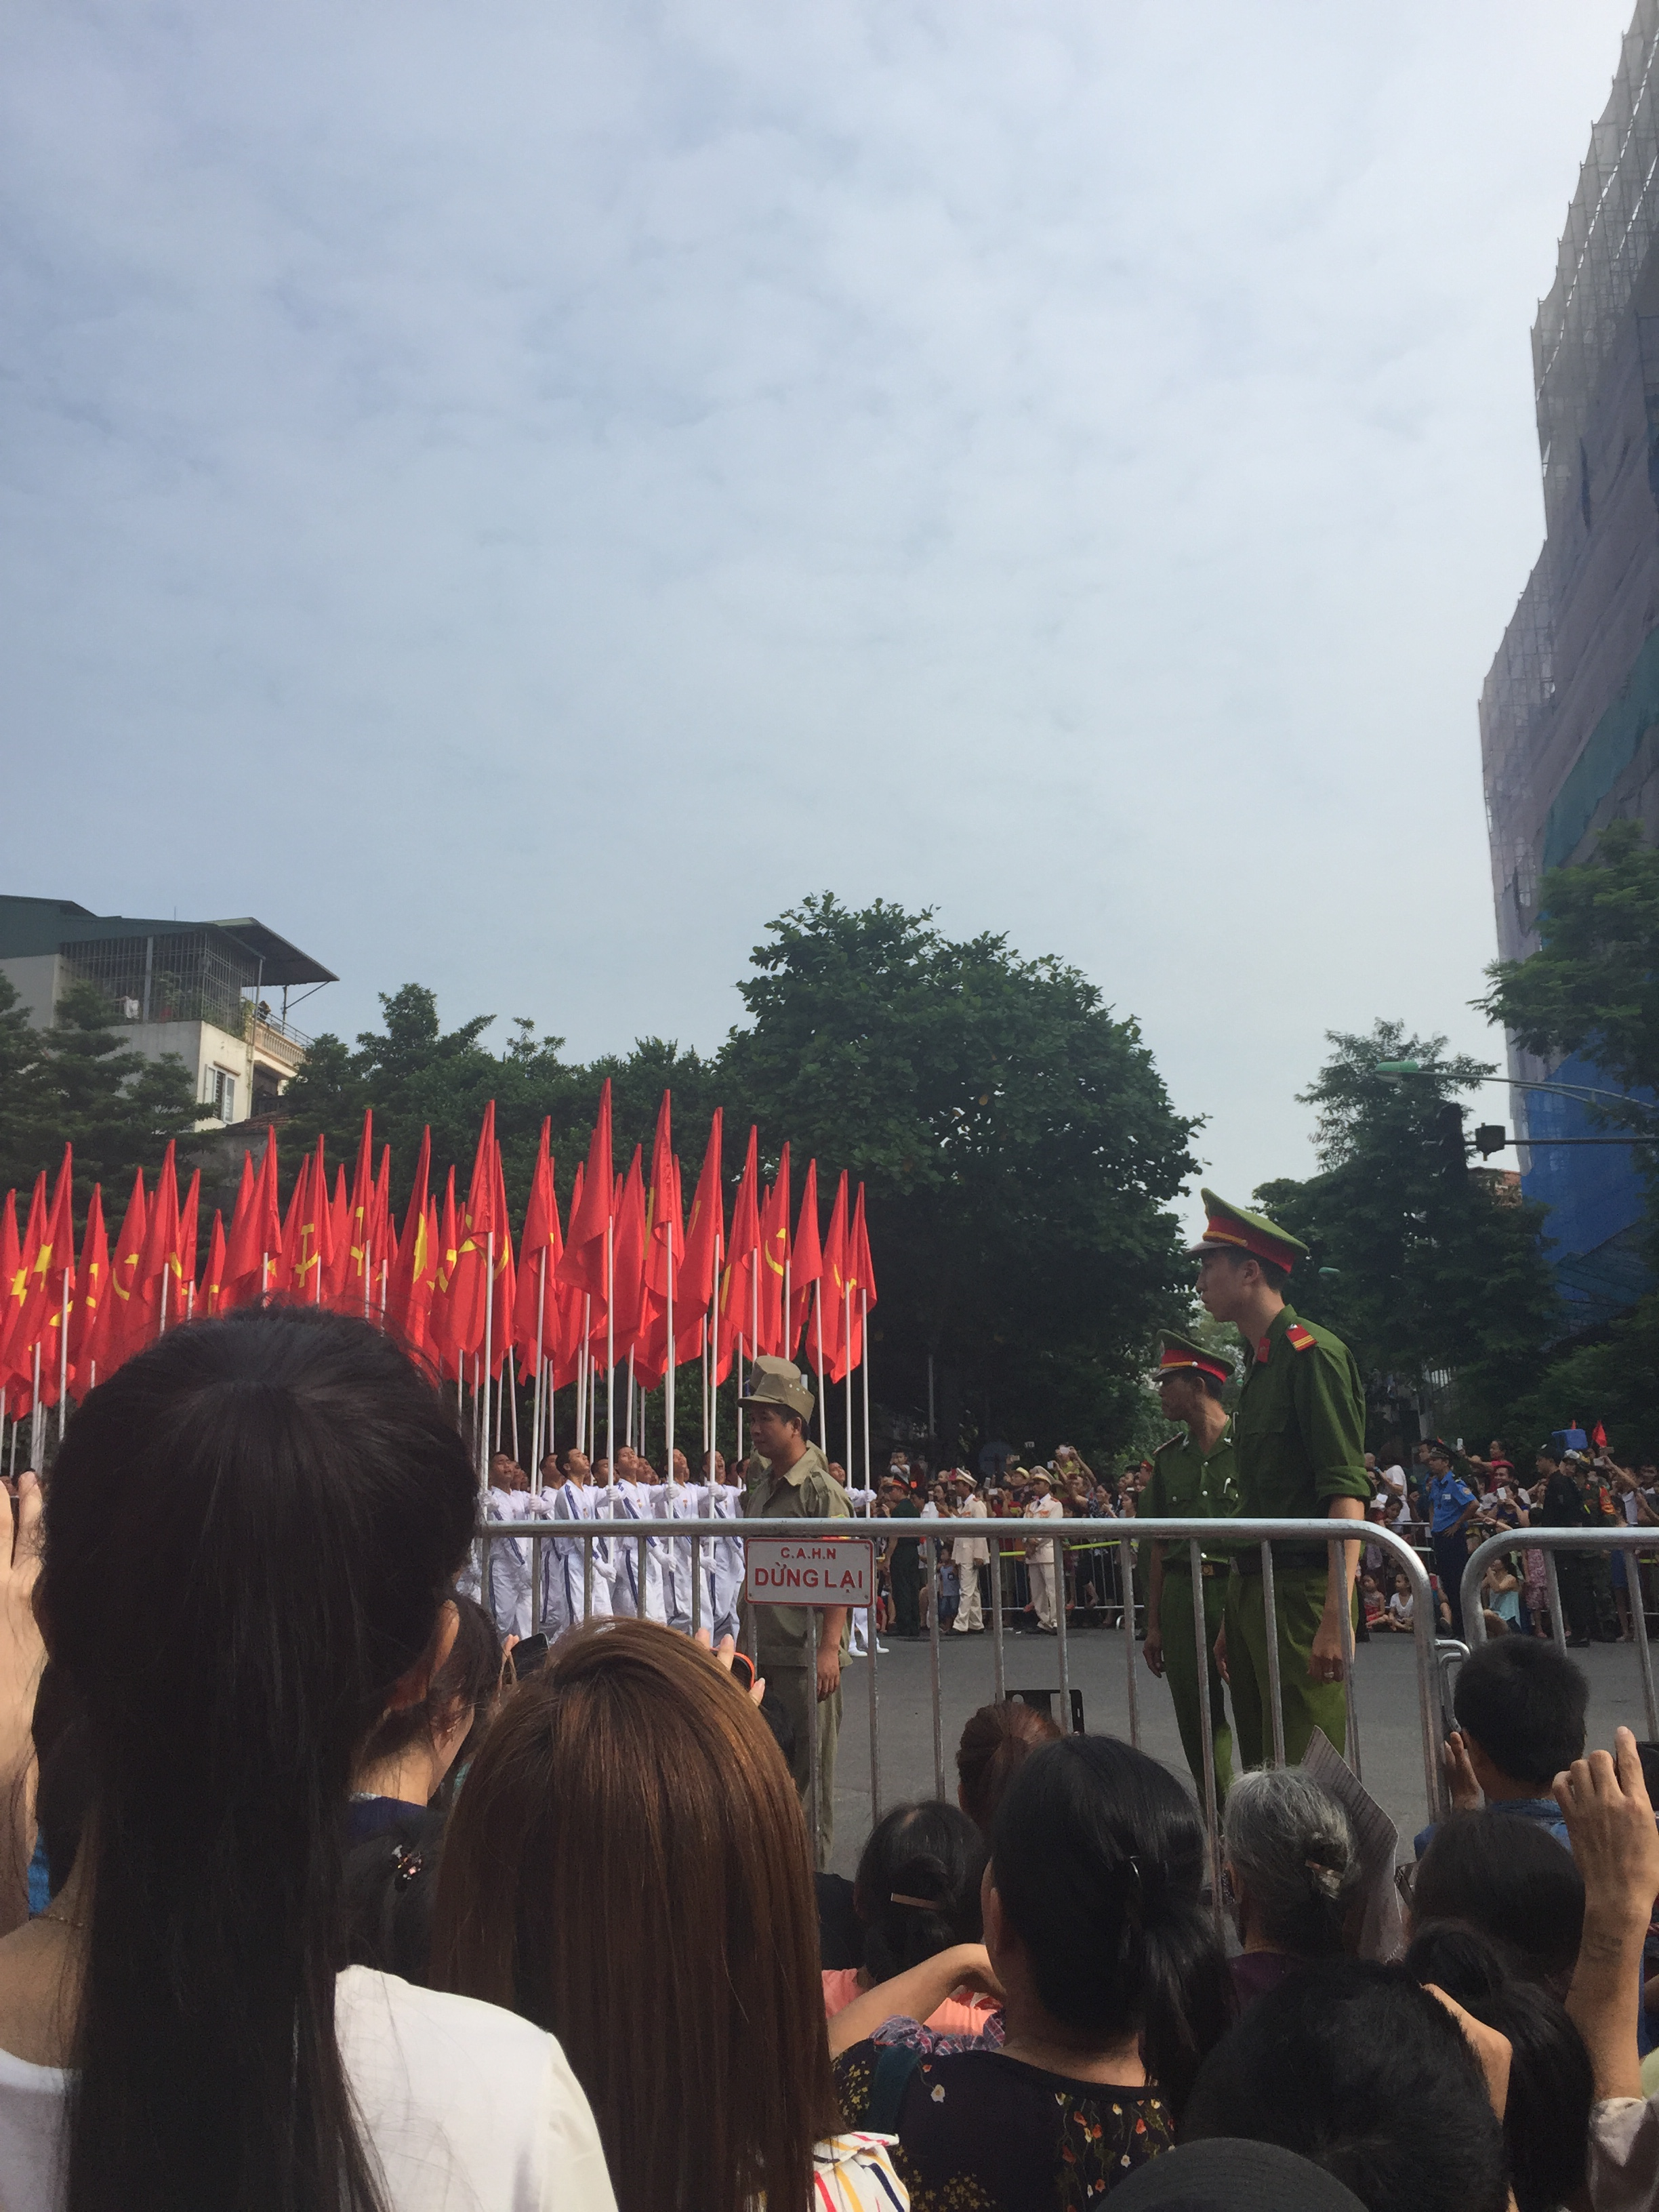 ベトナム建国記念パレード@ハノイ